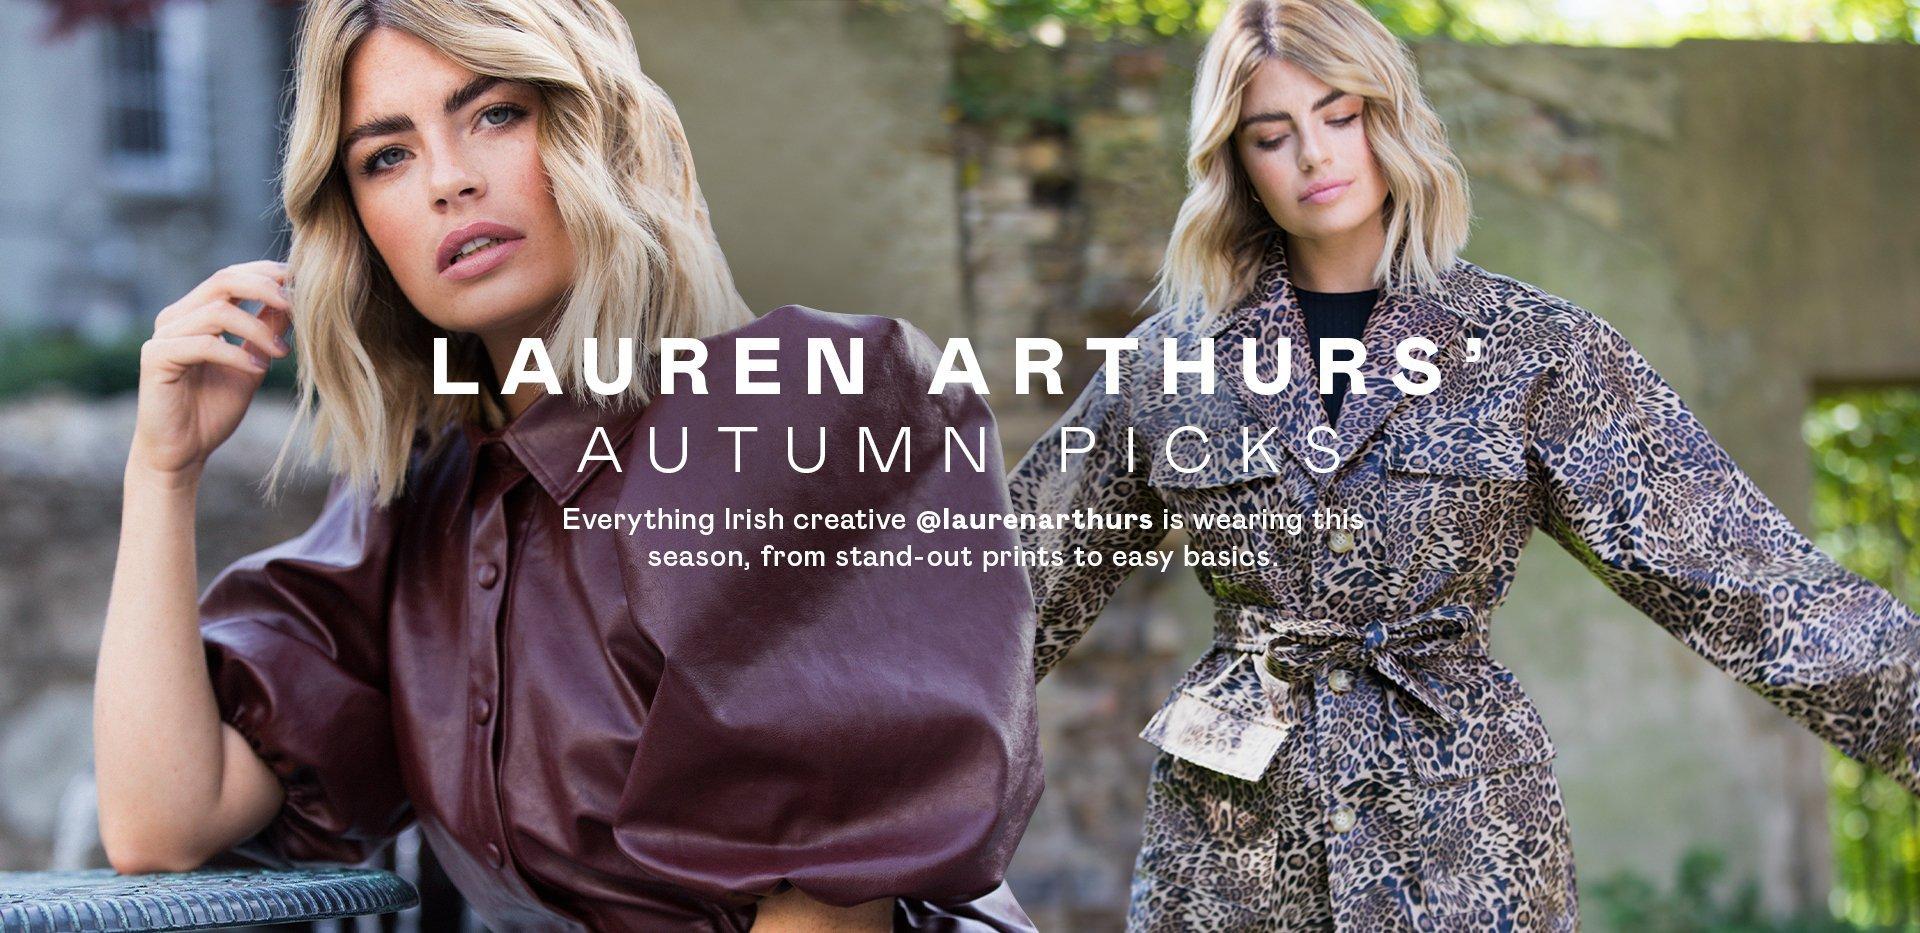 Lauren Arthurs' Picks